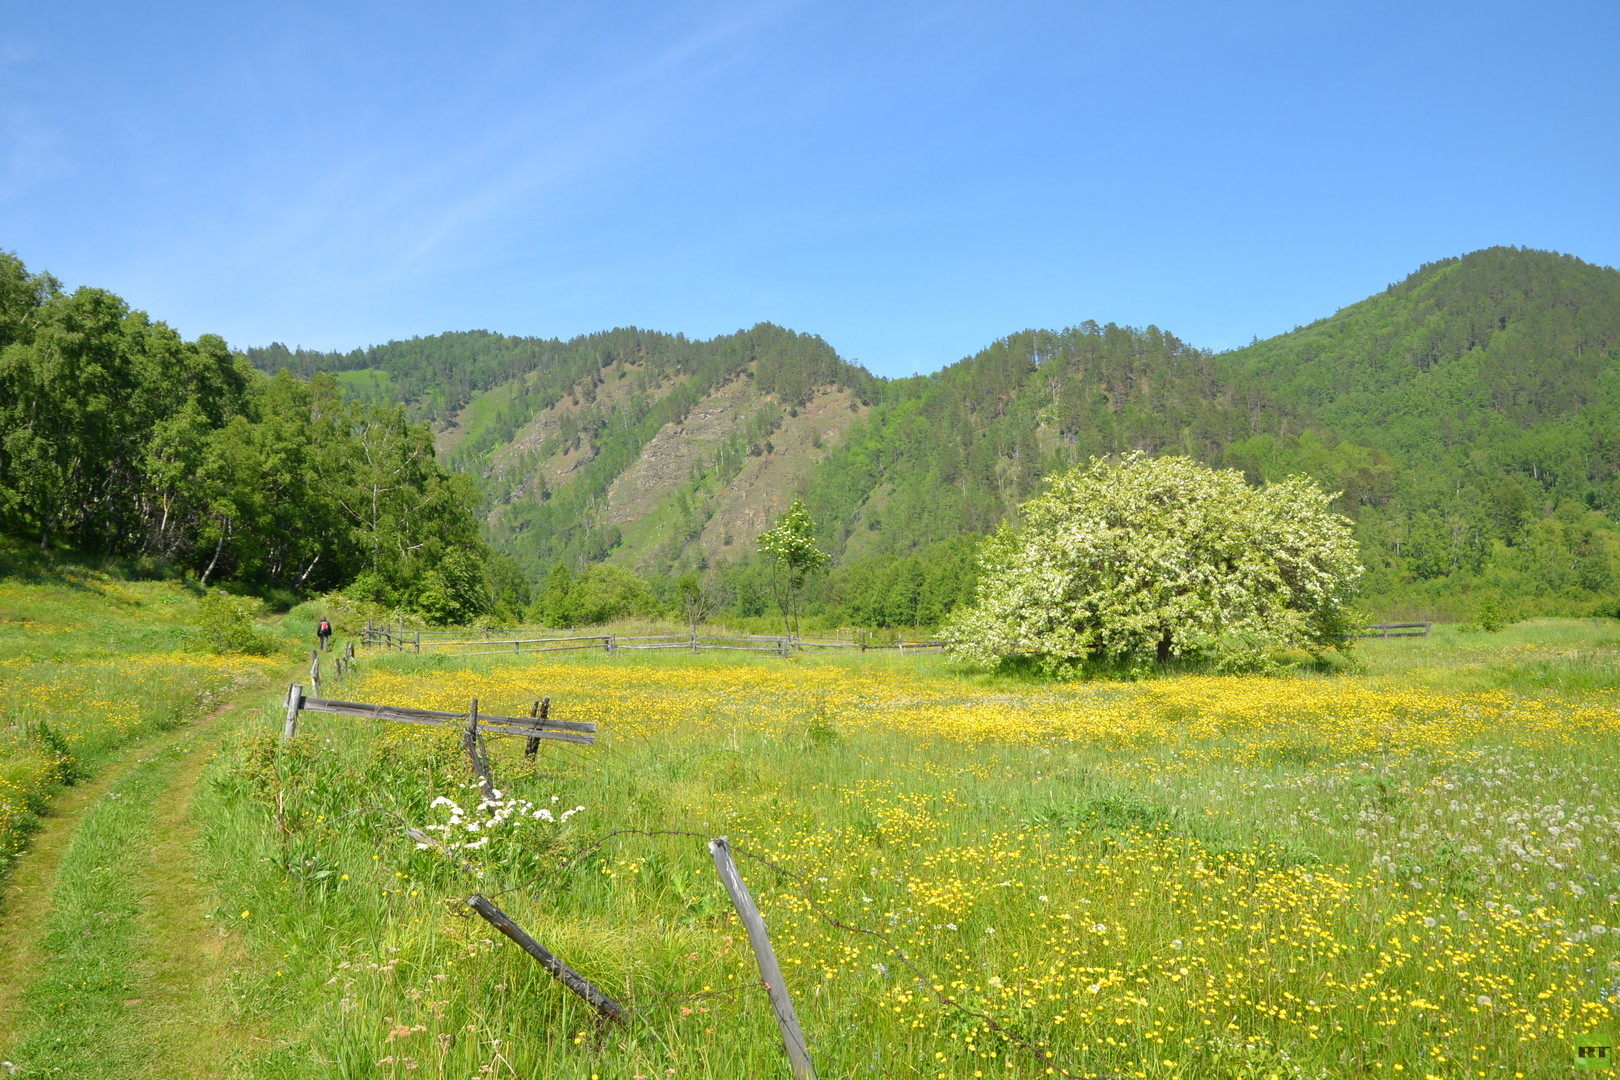 Reportage: Wo die Baikal-Möwen ihre Nester haben – Reise in ein russisches Naturparadies